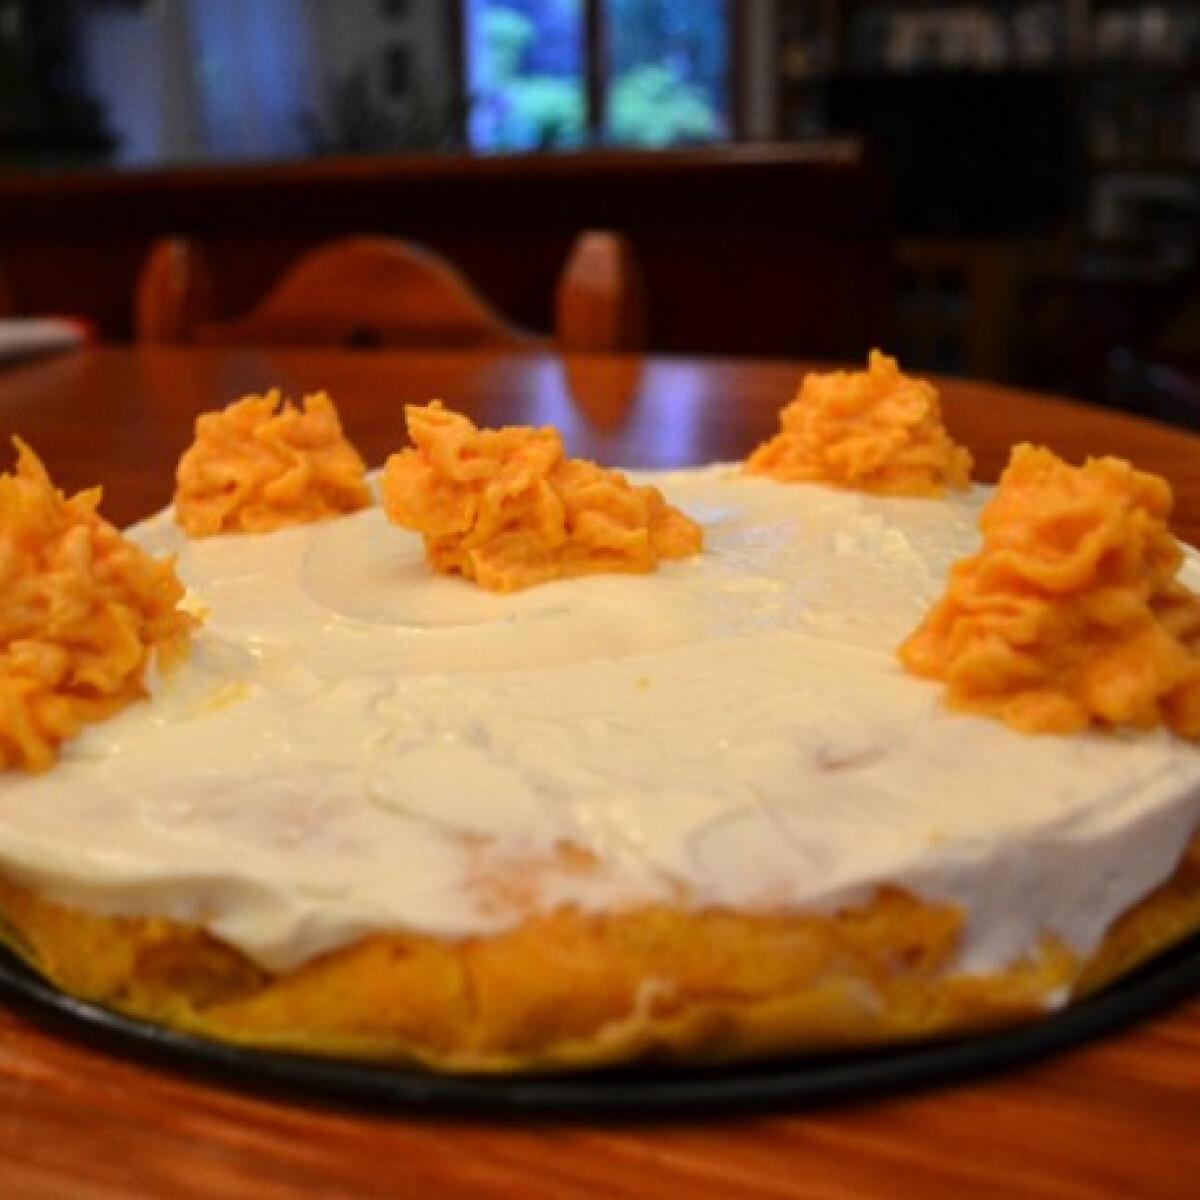 Ezen a képen: Sütőtöktorta citromos mascarponekrémmel